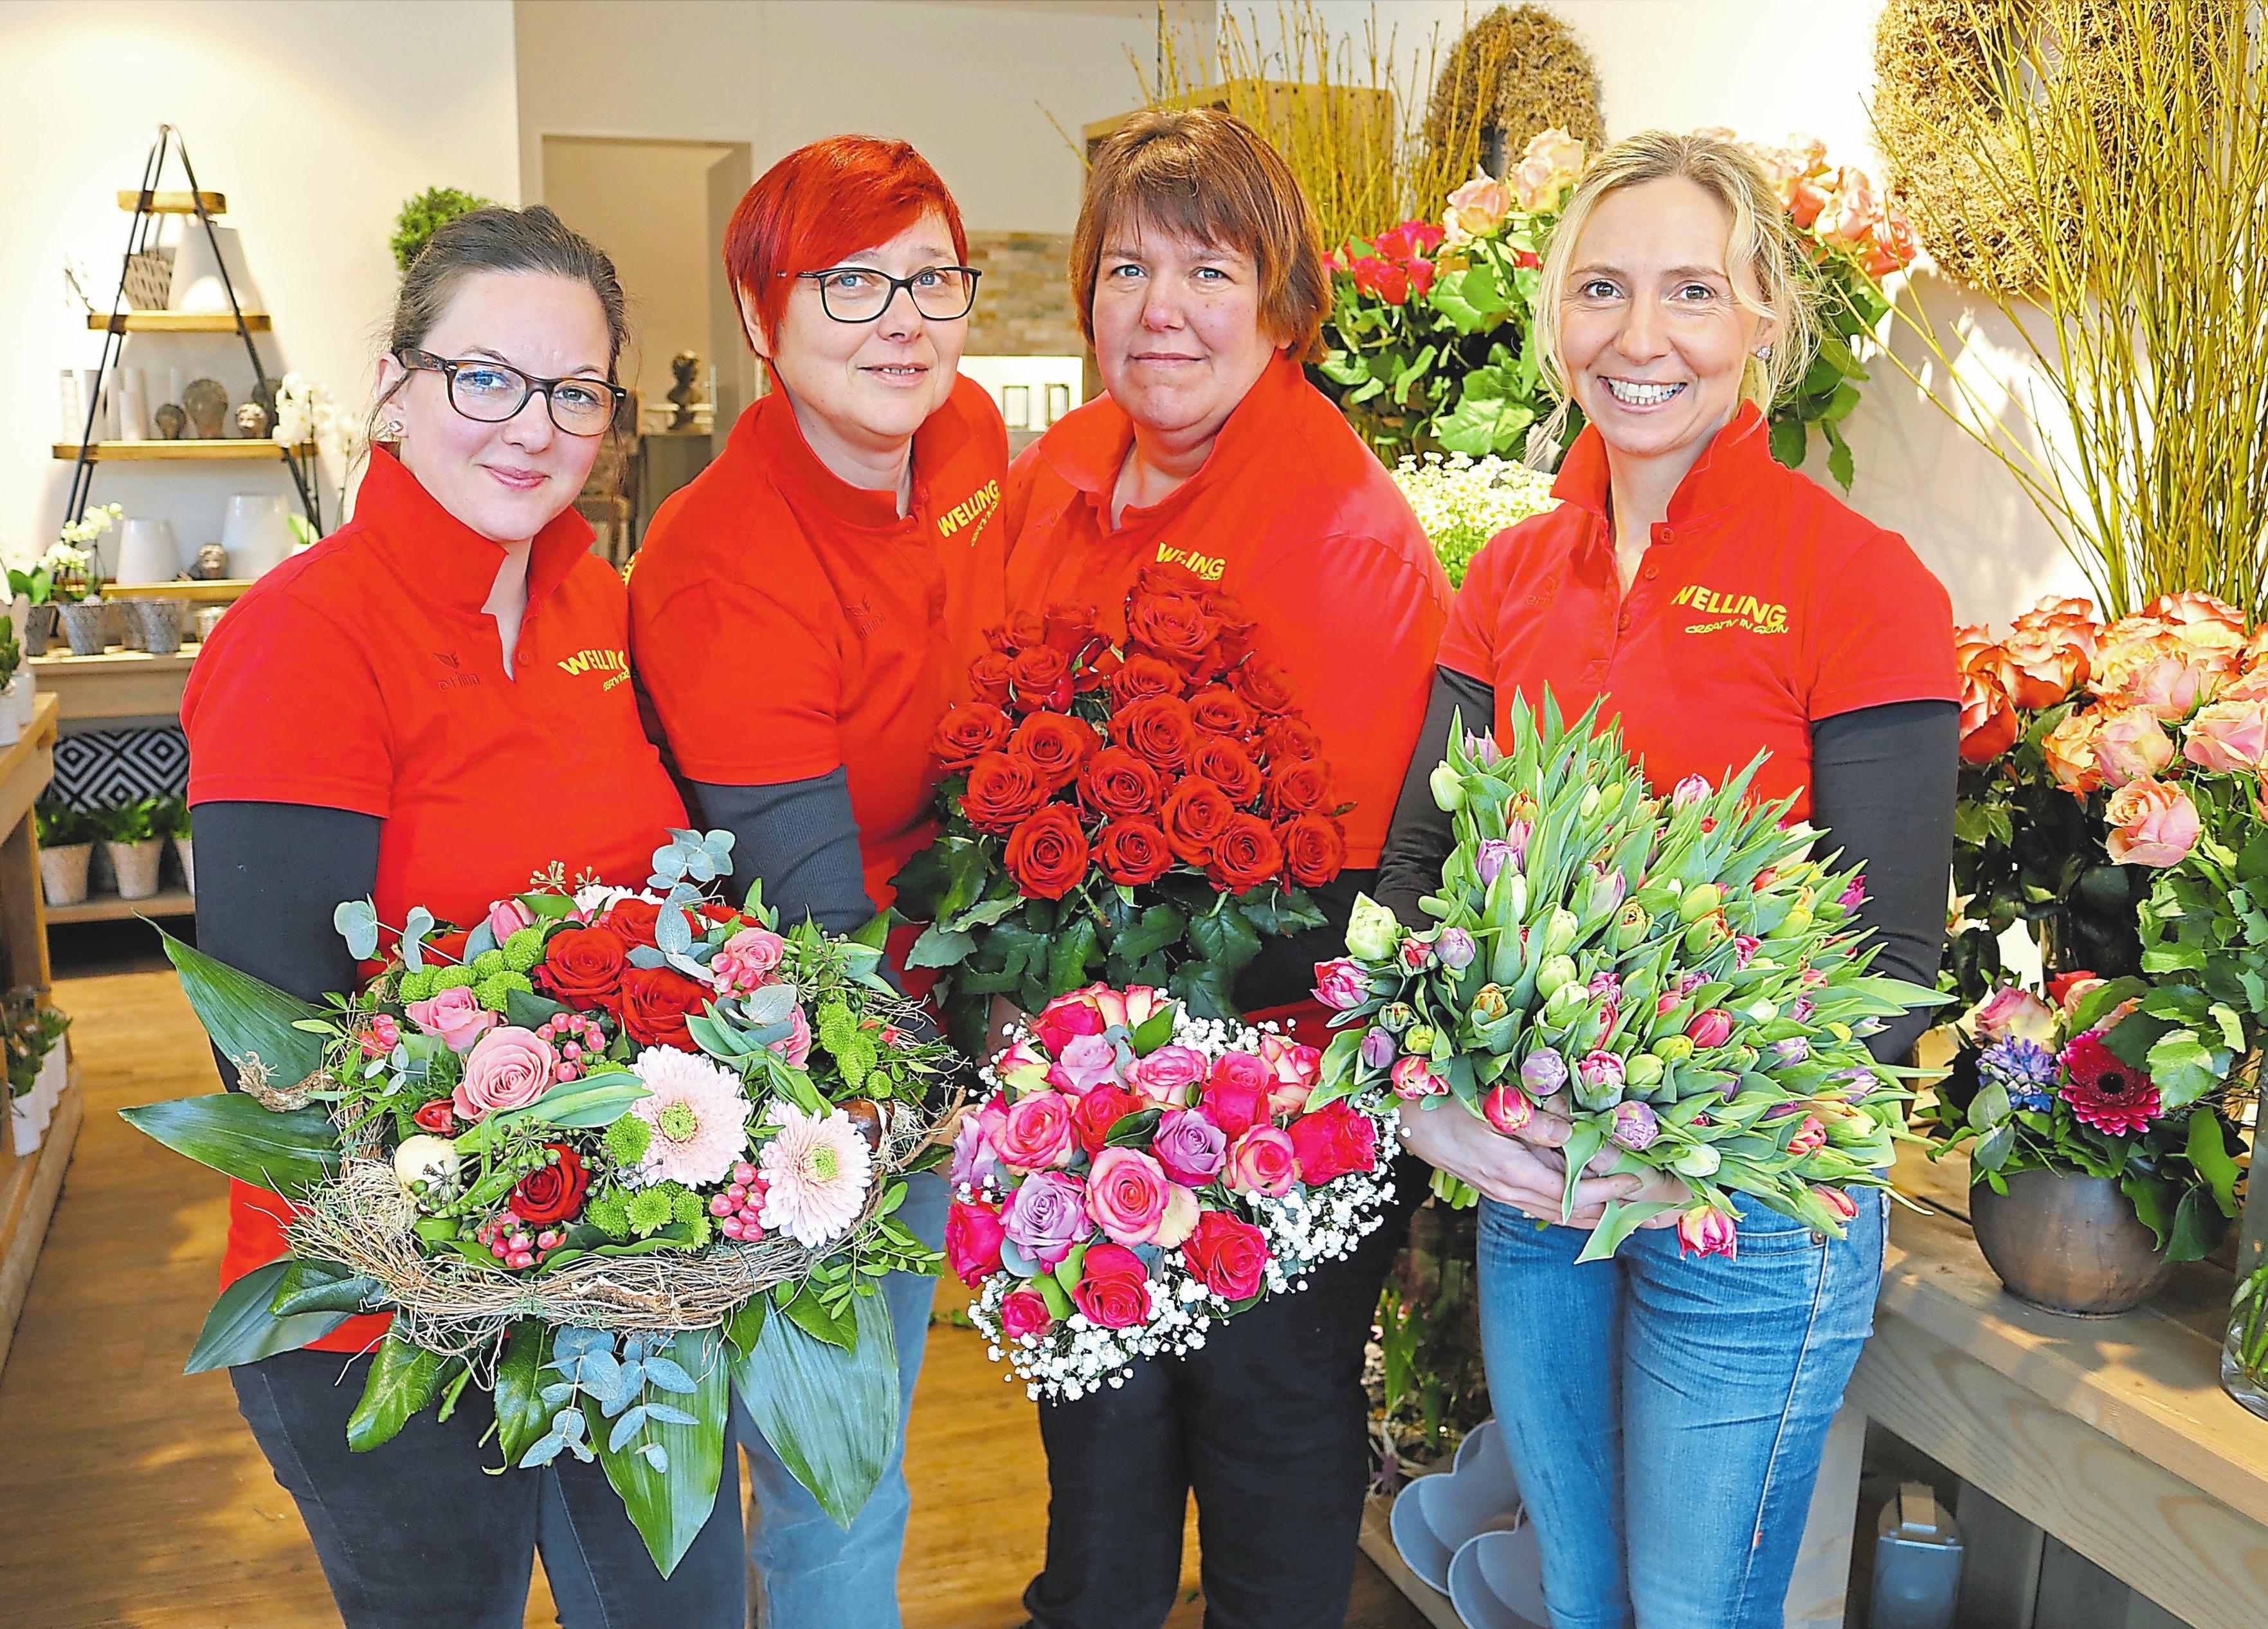 Lassen Blumen sprechen: Katharina Fritz, Birgit Wolf, Steffi Thoms und Barbara Welling (v.l.).